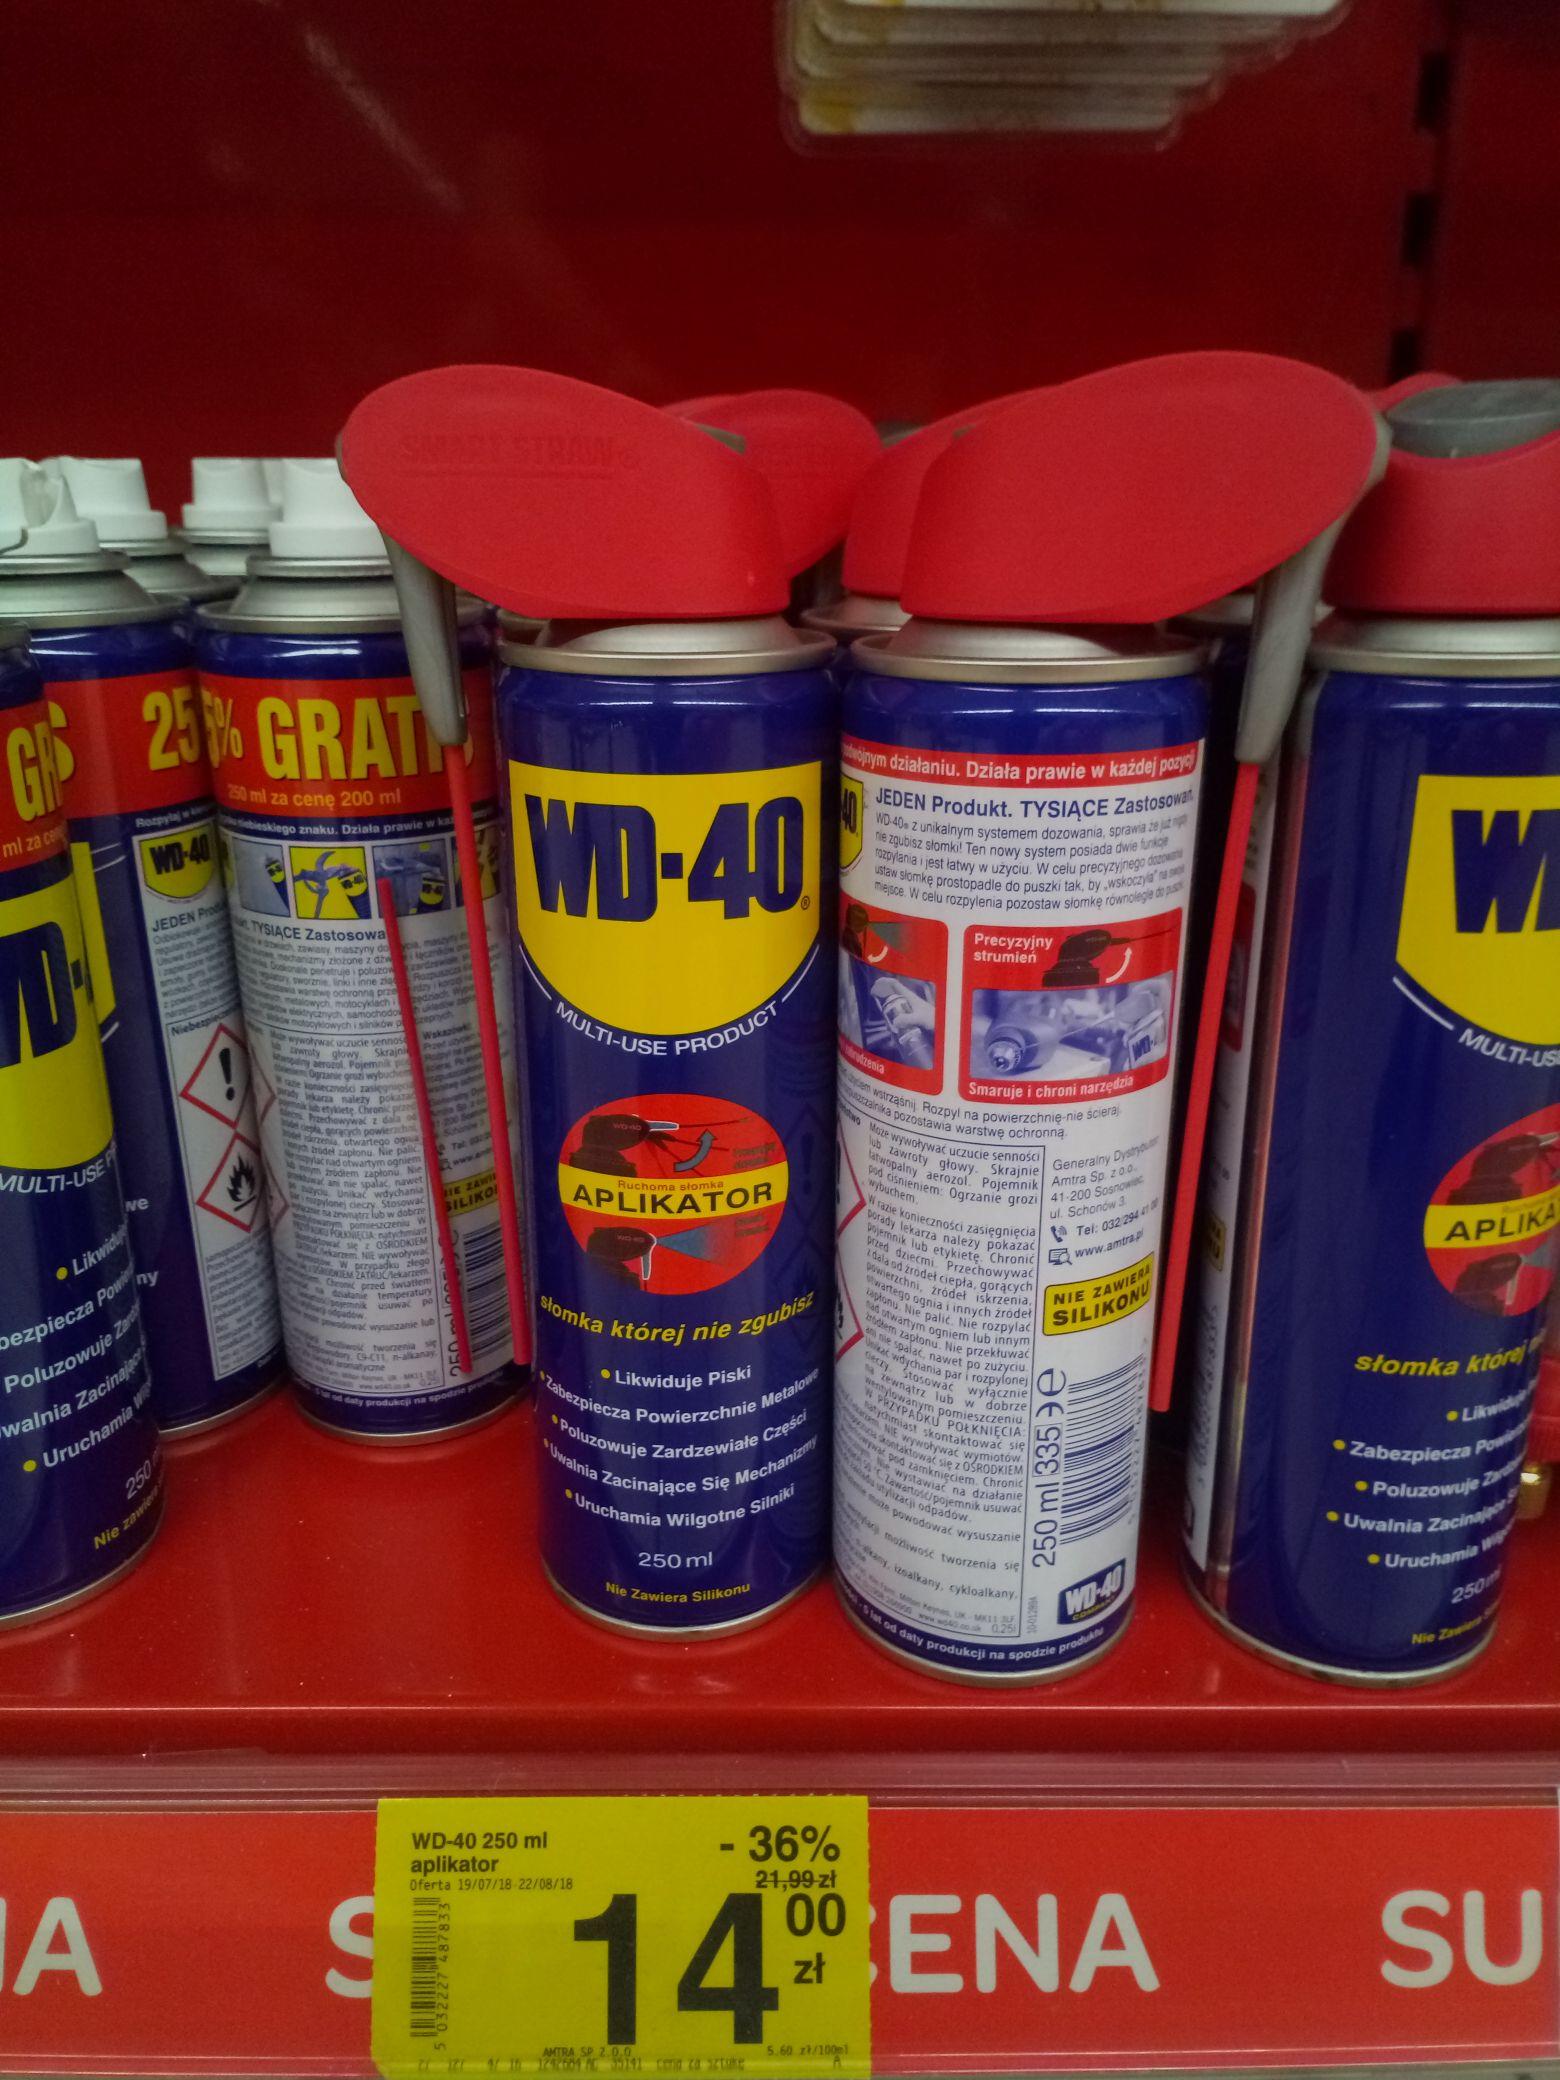 Spray Wd40 smar penetrująco czyszczący carrefour białystok